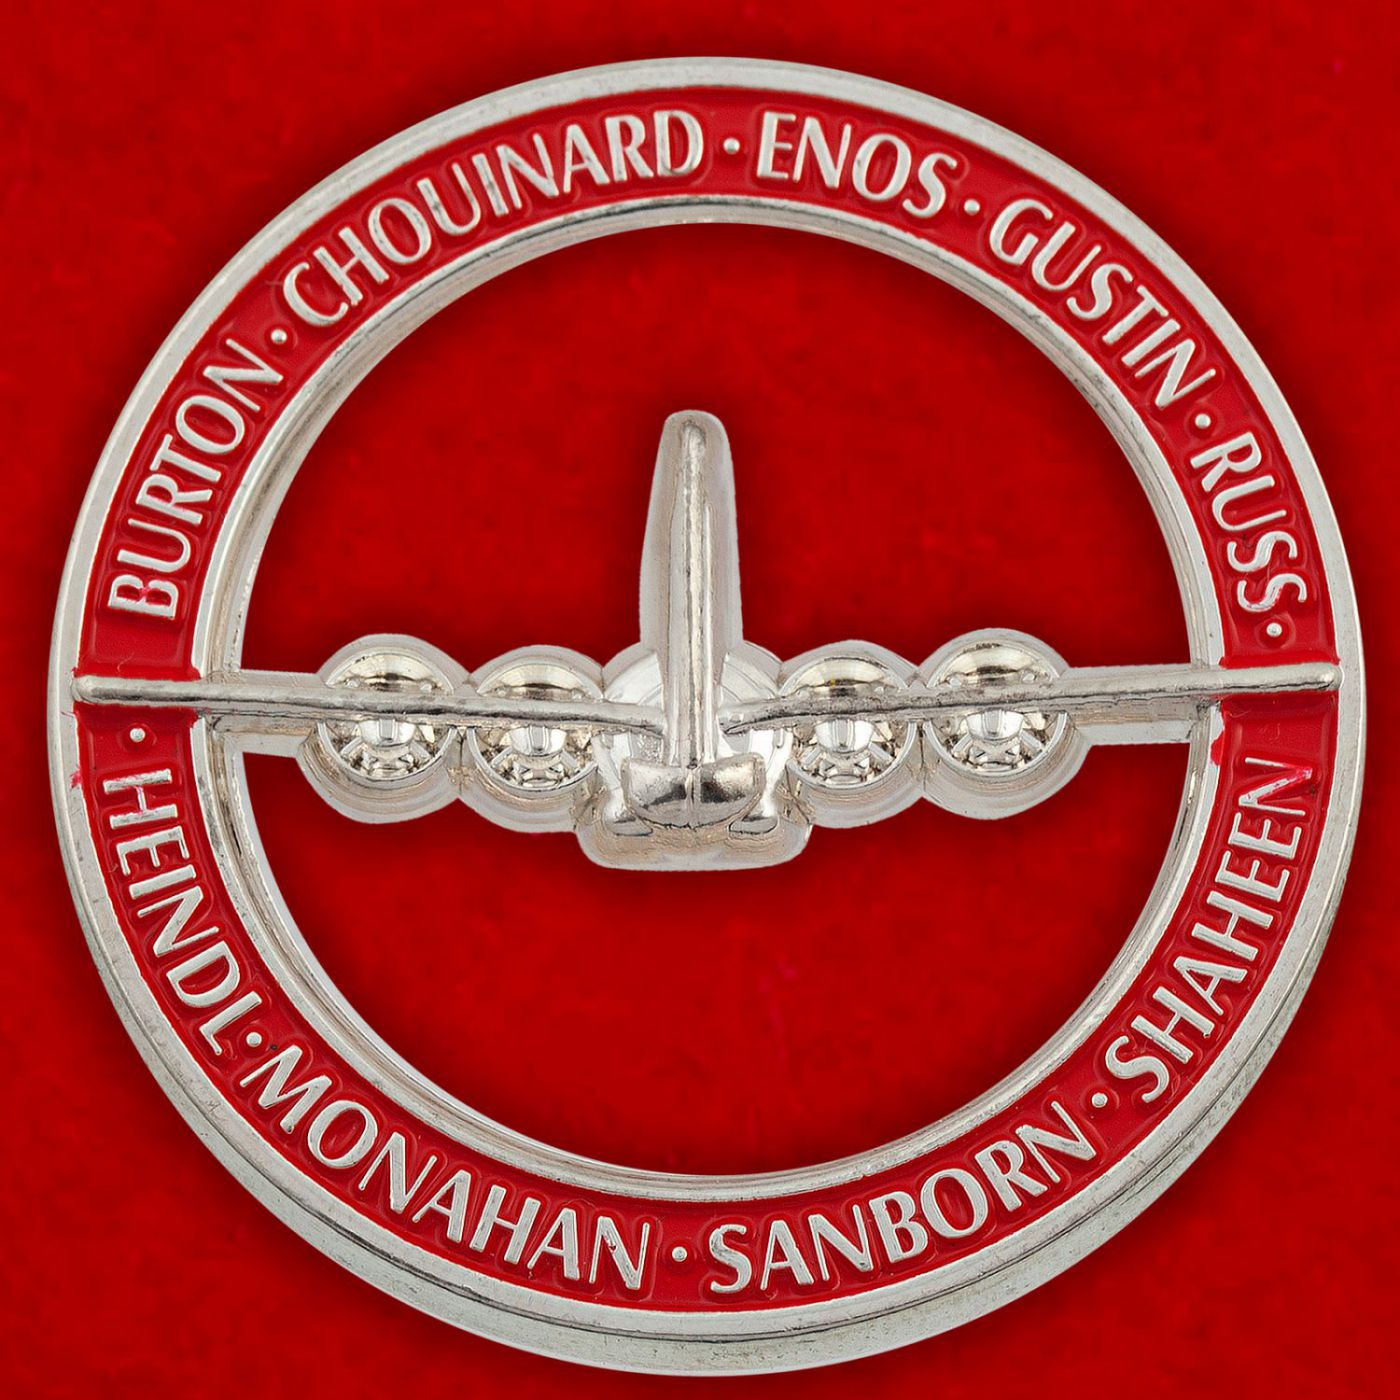 Челлендж коин участников программы старшей школы по вневойсковой подготовке младших офицеров ВВС при Университете Нью-Гемпшира